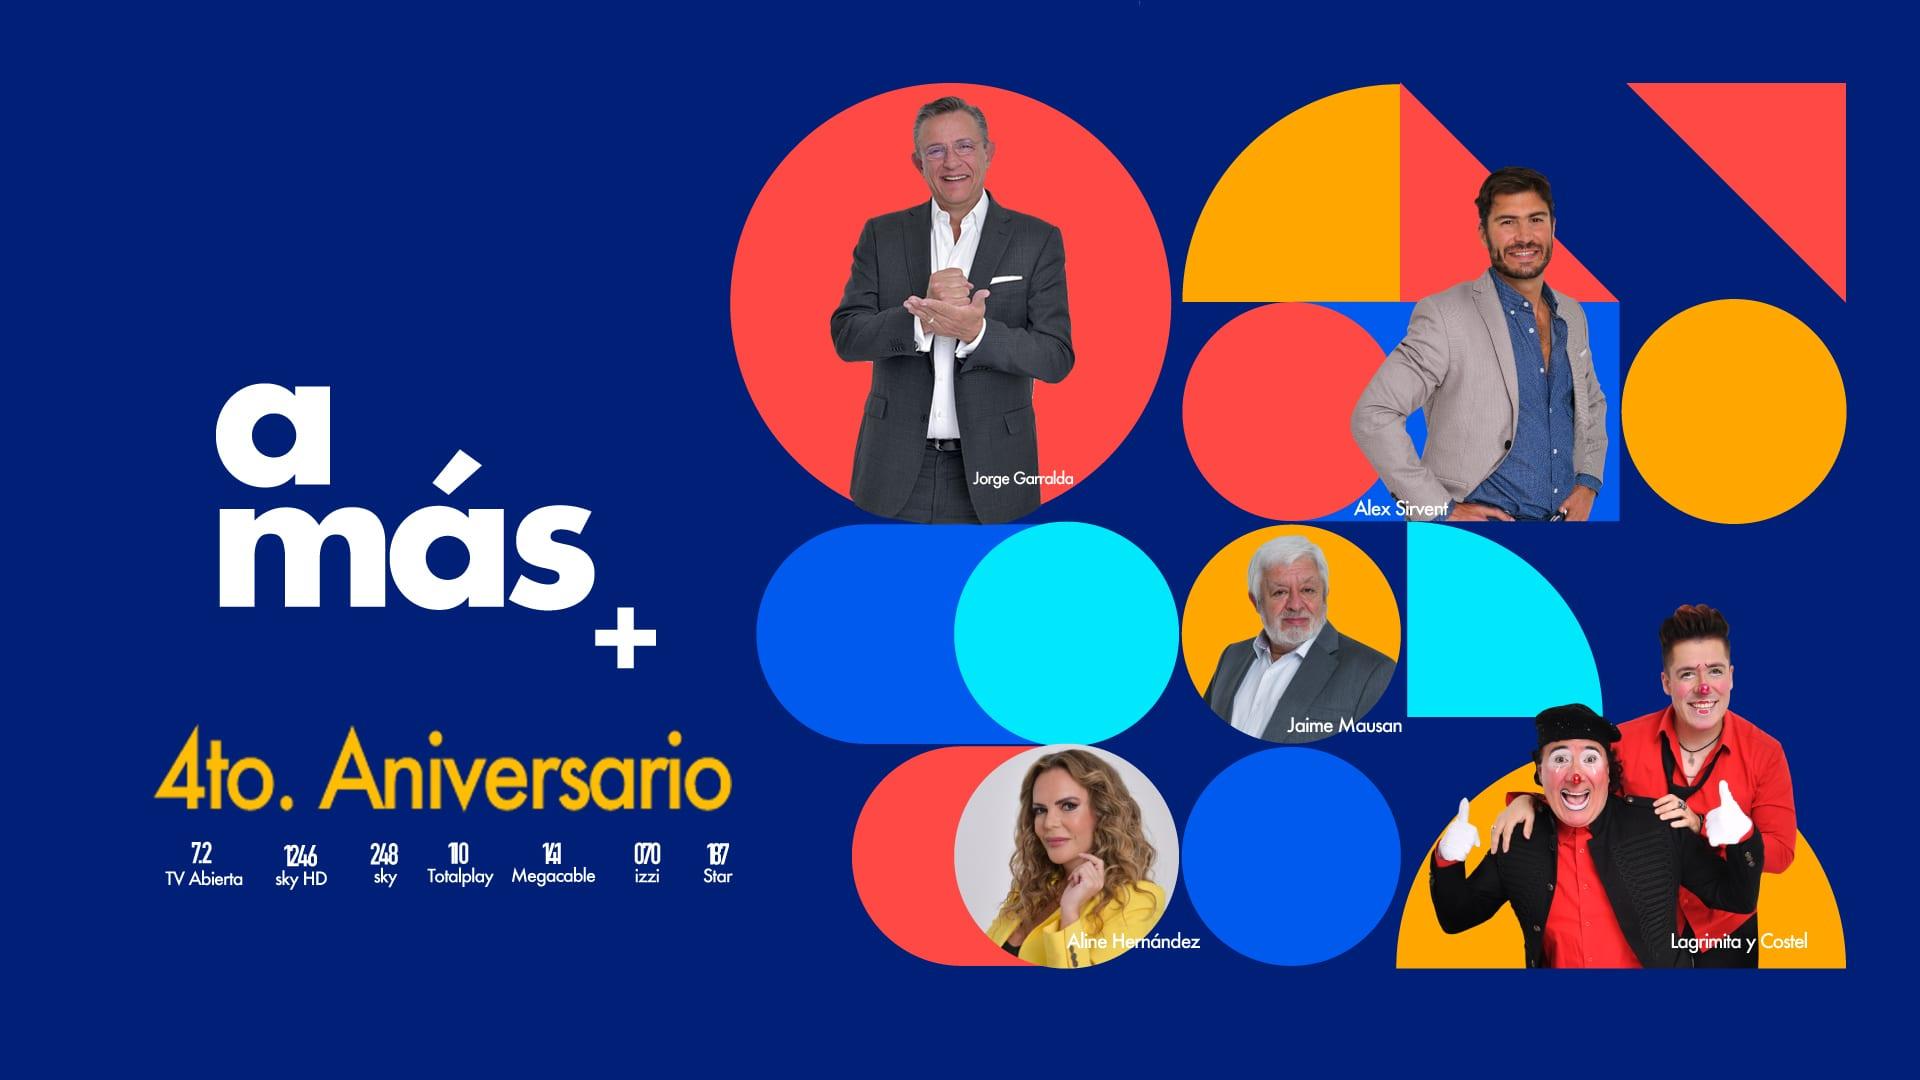 """El canal 7.2 de TV Azteca cambia de ser """"a+"""" a """"a más"""""""